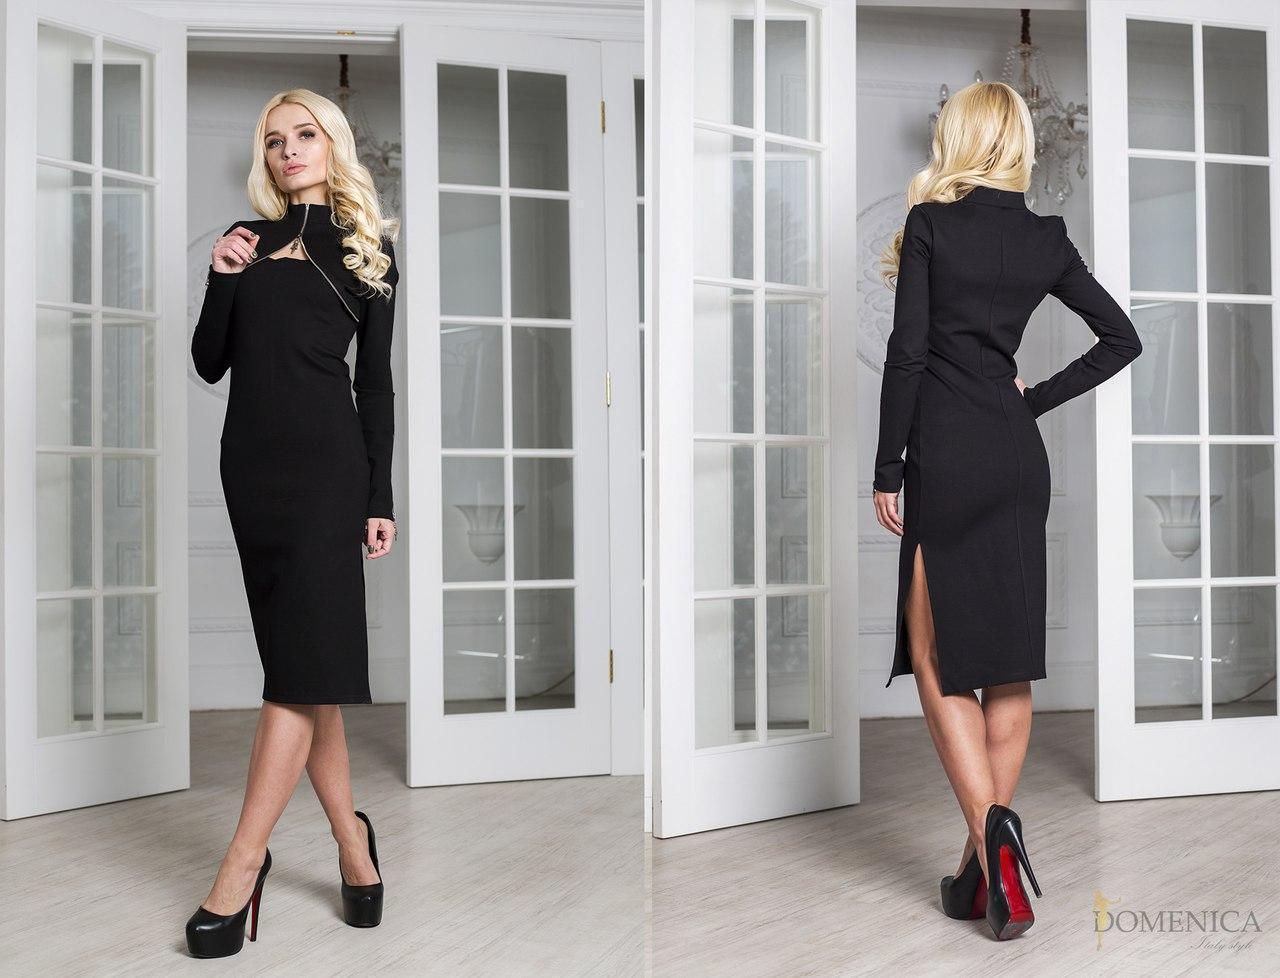 Приталенное деловое платье с разрезом на ноге и имитацией болеро 31plt697